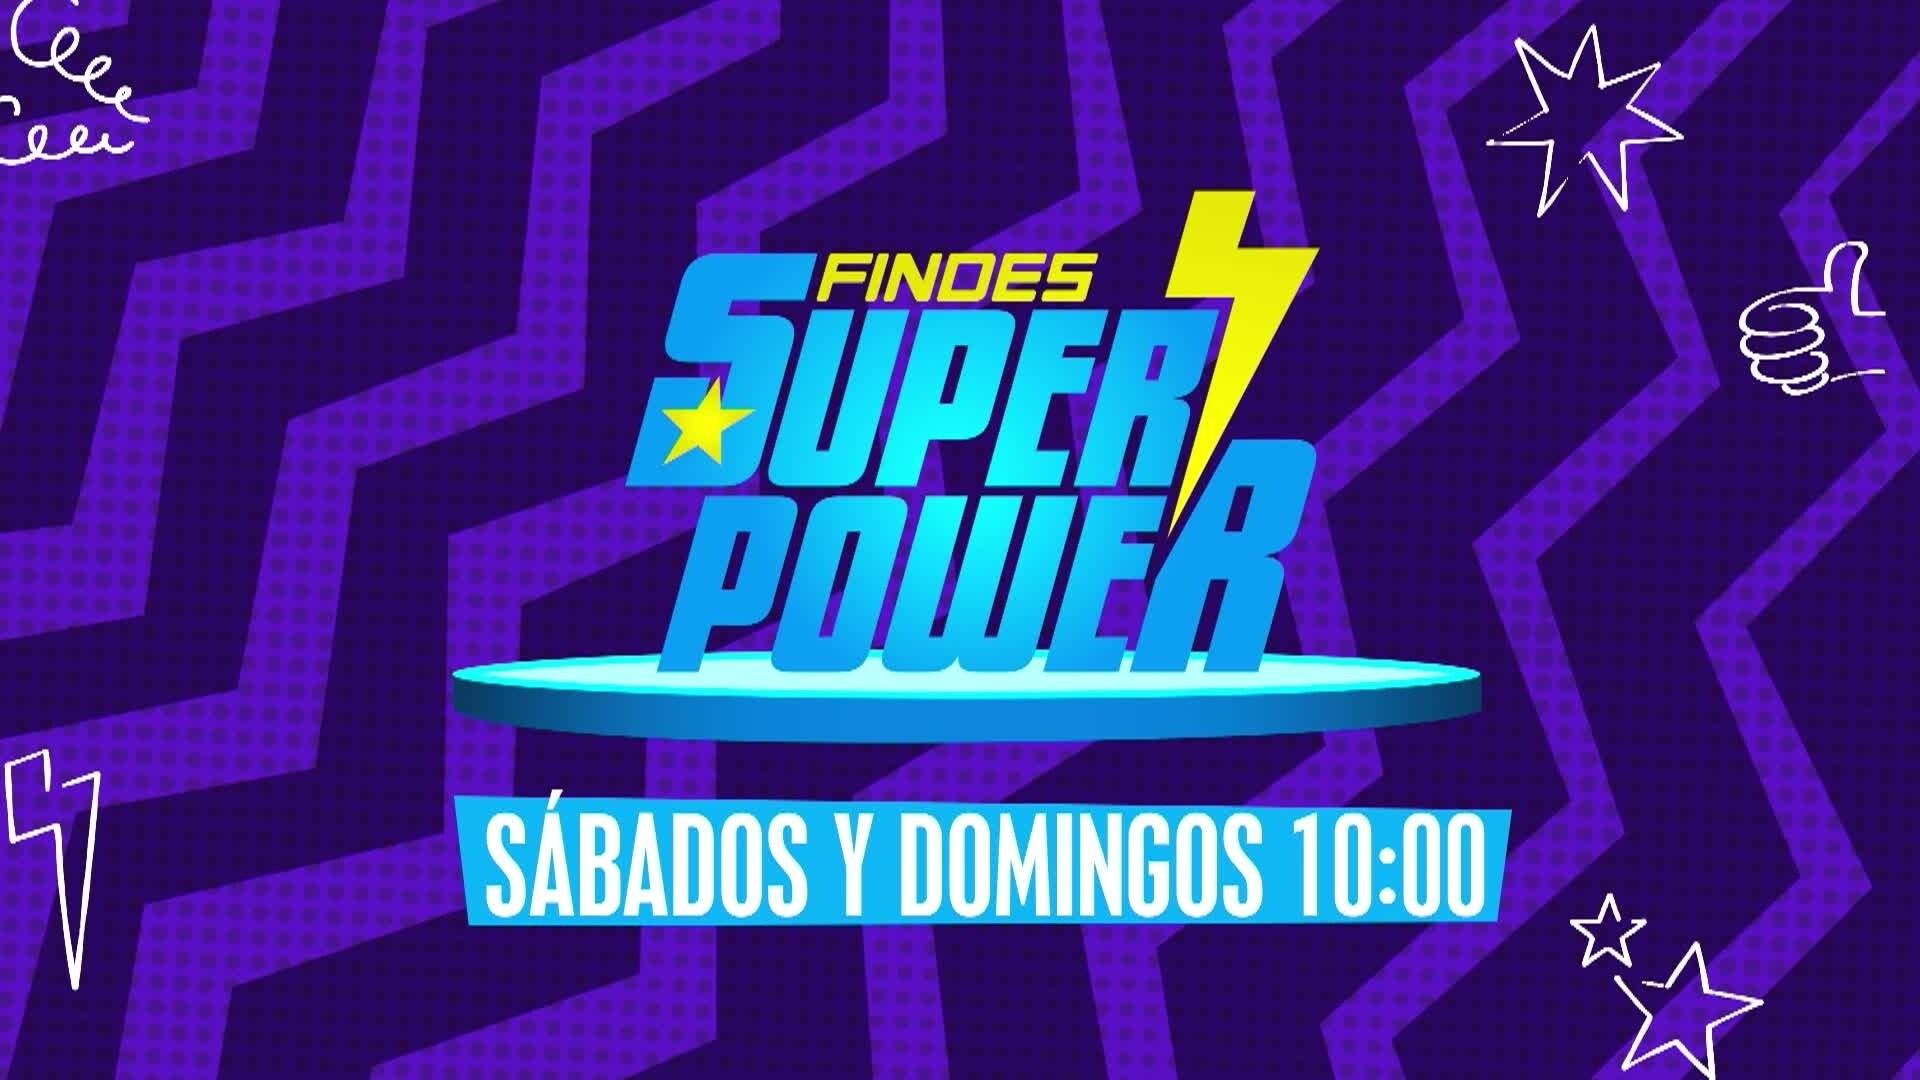 Findes Super Power